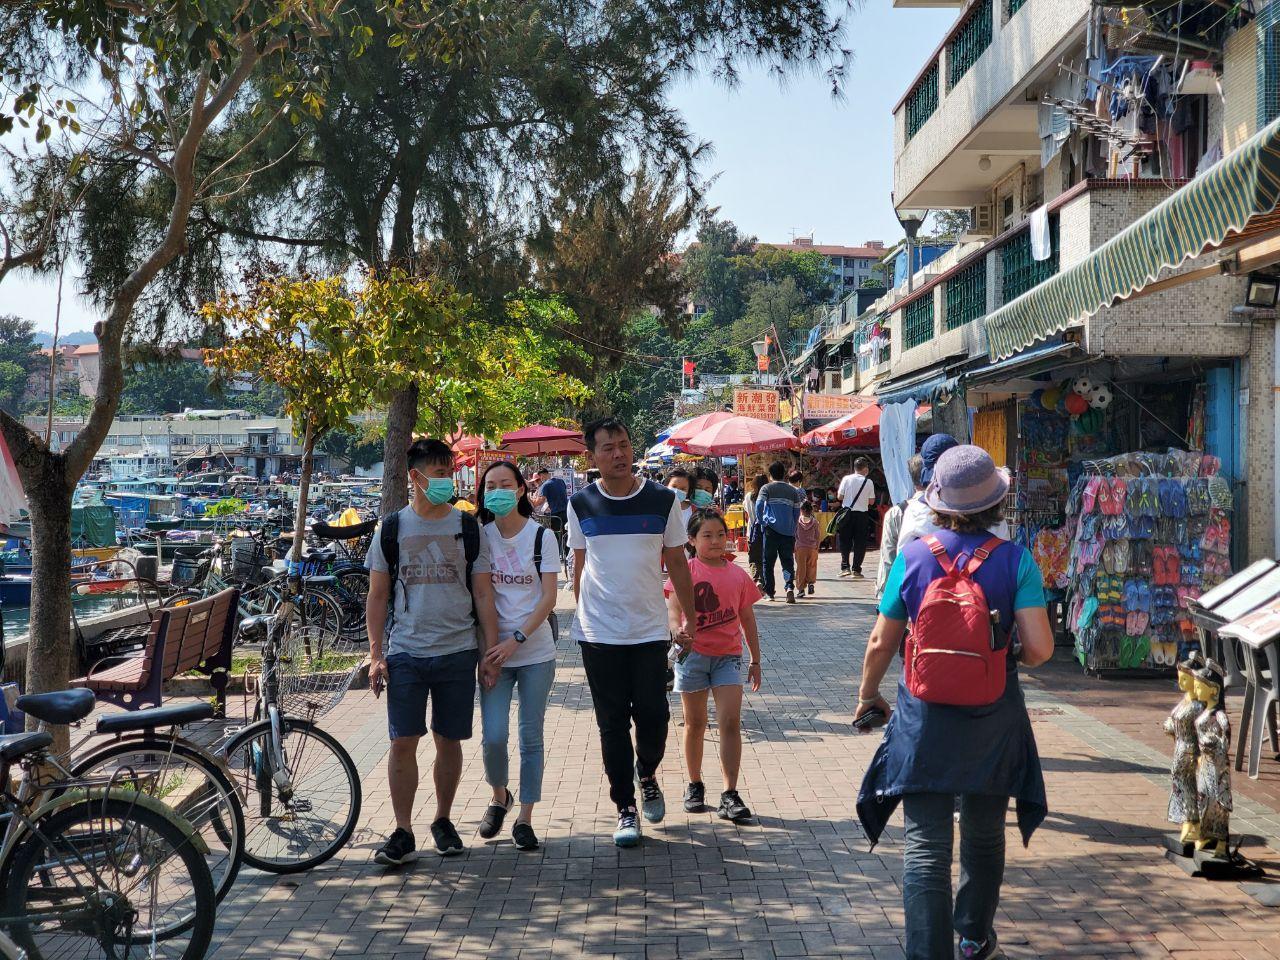 2020年復活節假期,香港離島長洲有許多遊客來遊玩。(宋碧龍 / 大紀元)